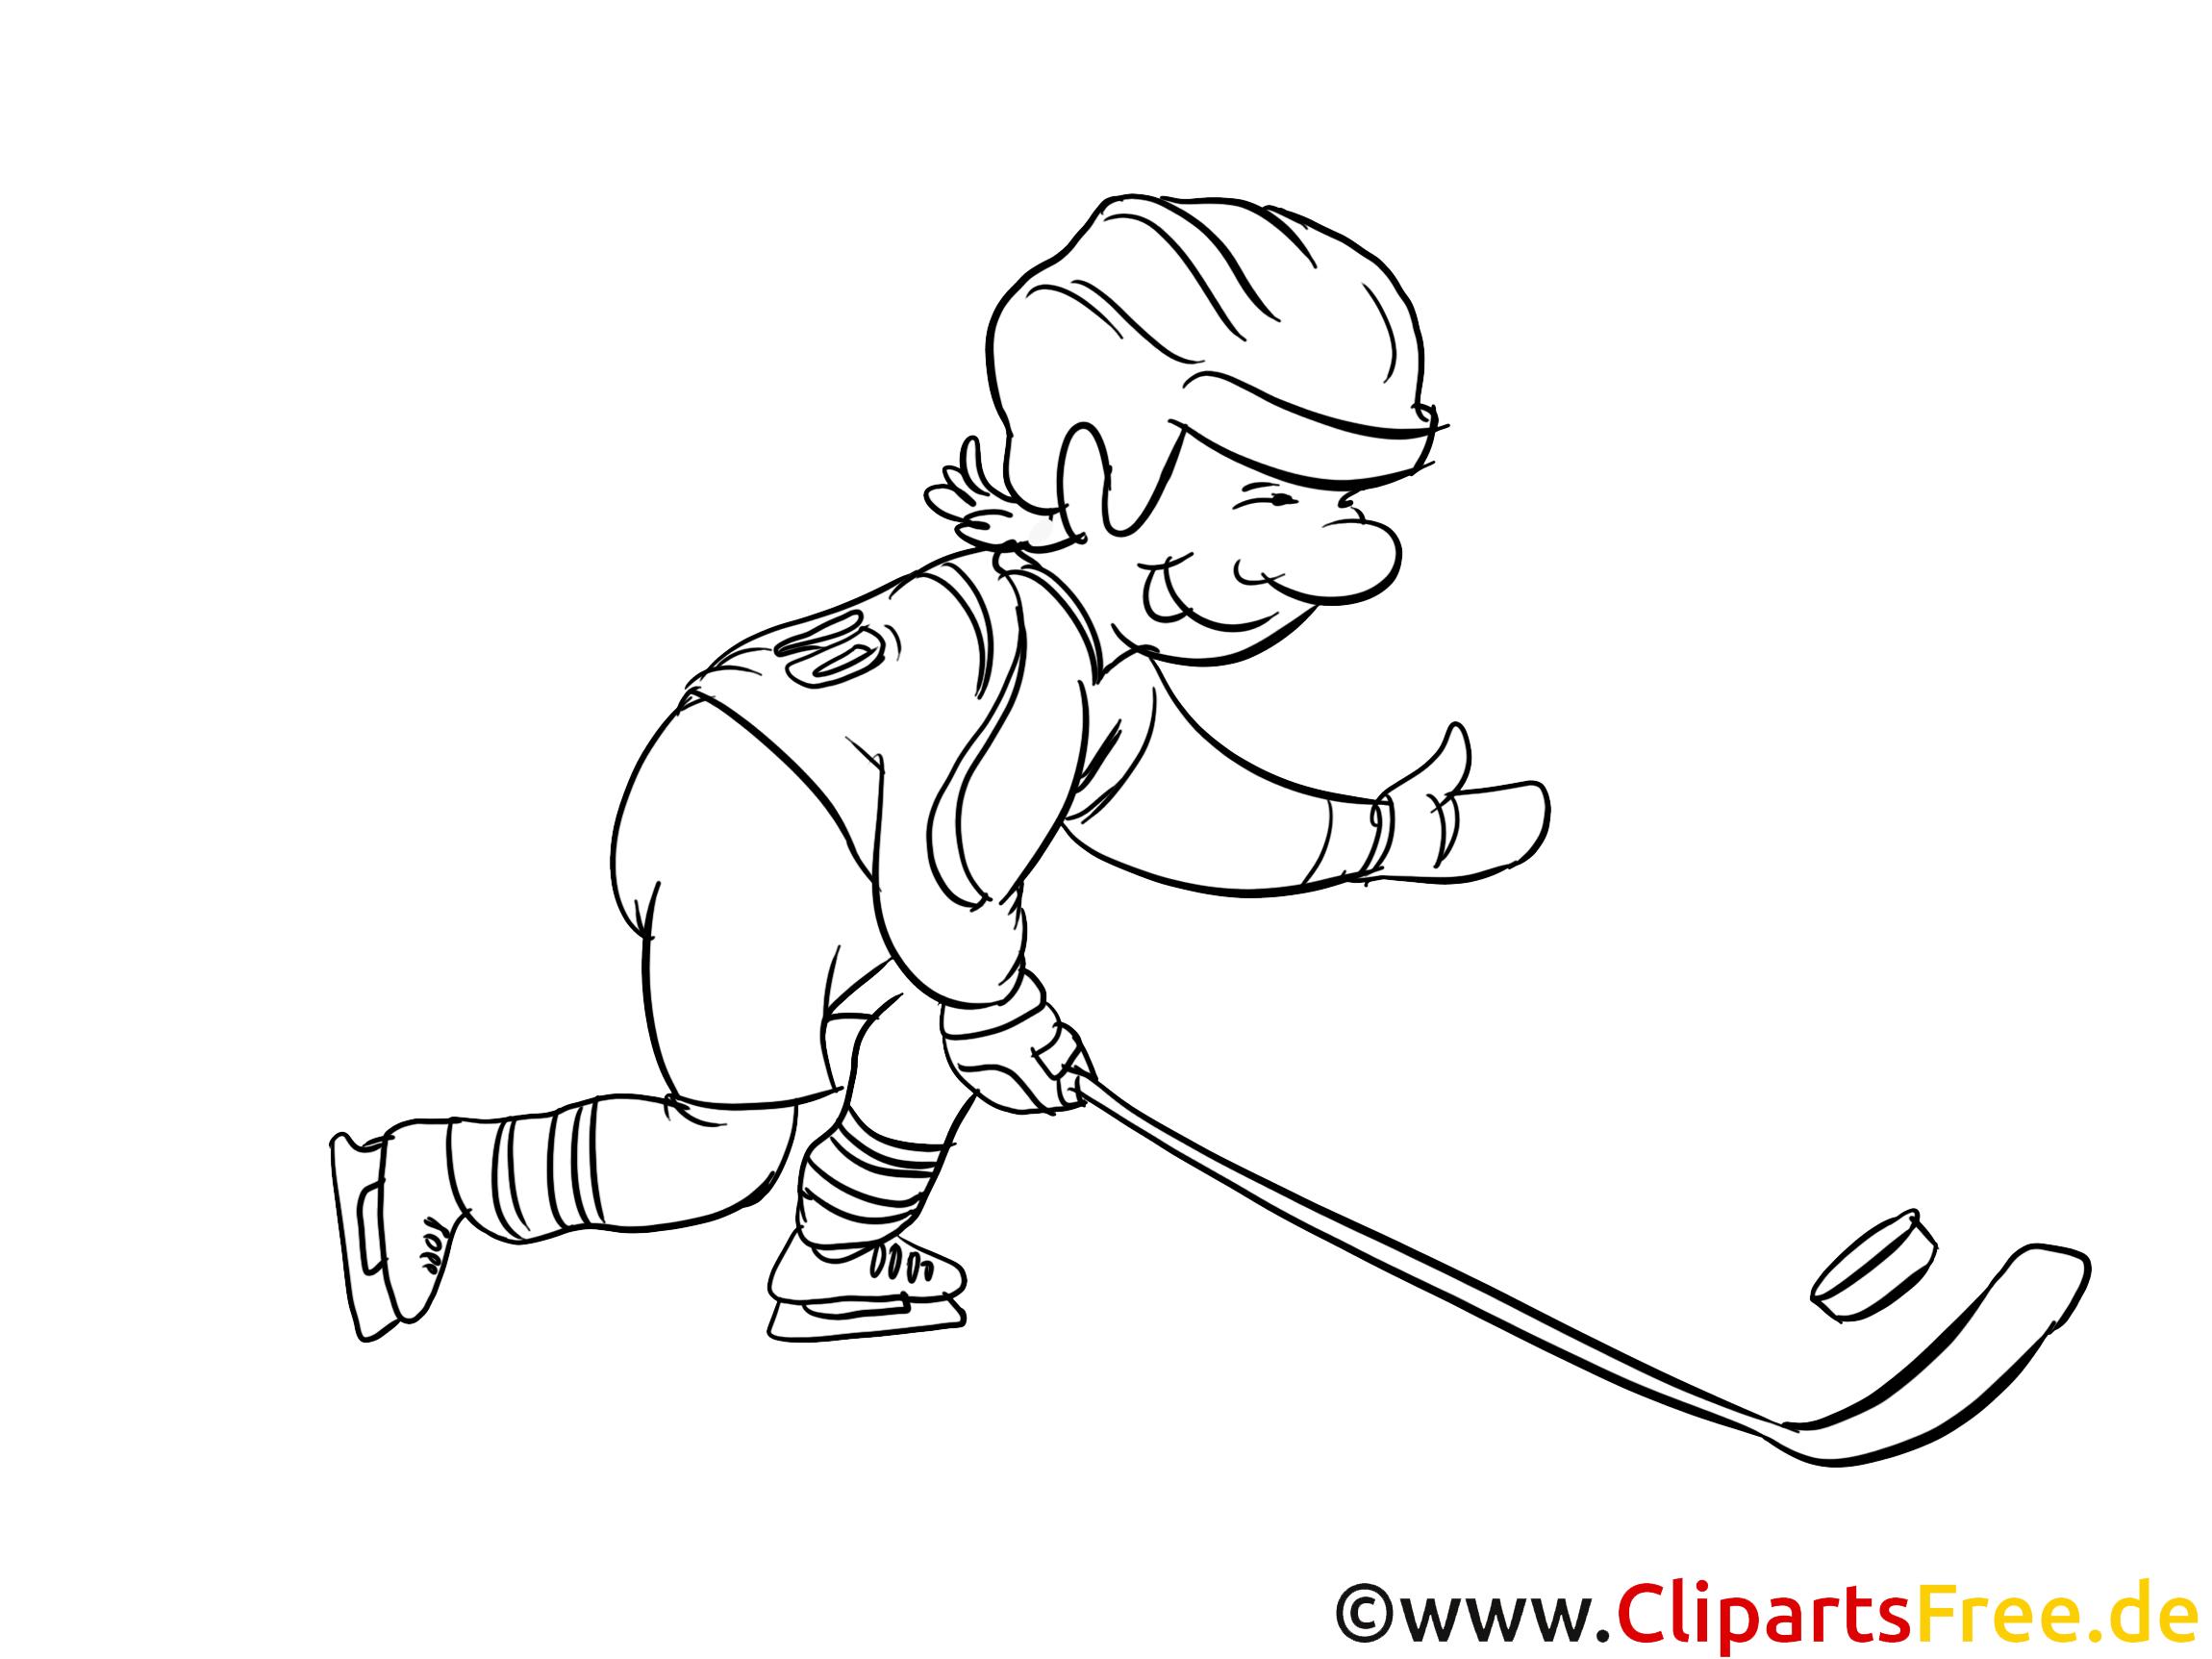 Joueur dessins gratuits hockey colorier hockey sur glace coloriages dessin picture image - Dessin hockey sur glace ...